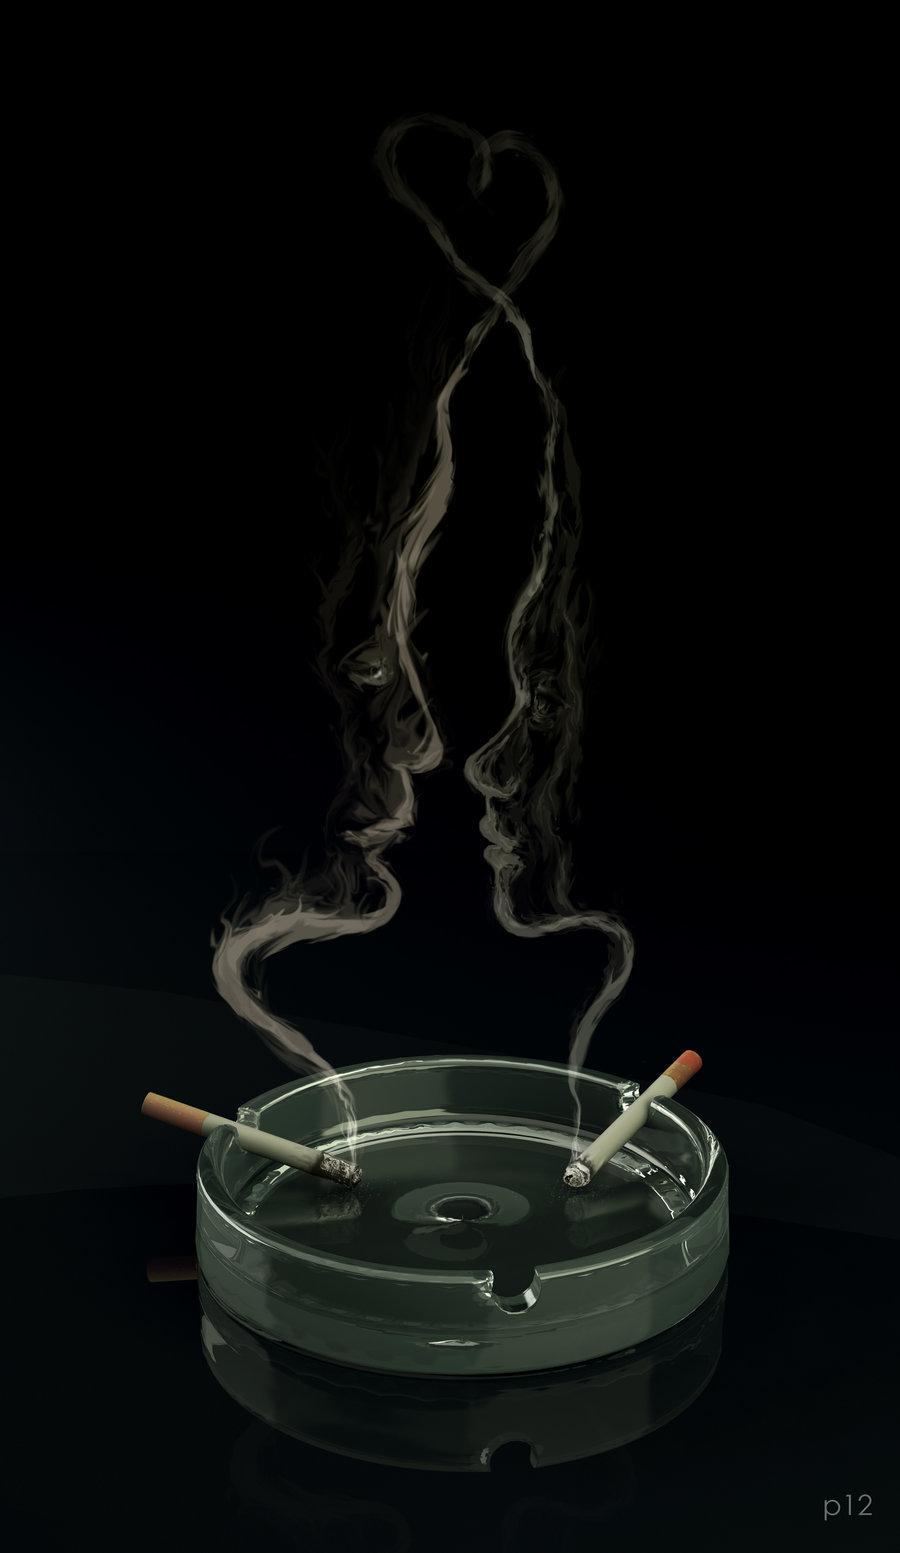 Fumando espero al Hombre que yo quiero..... Tumblr_m9nbmmWw7H1qg038uo1_1280